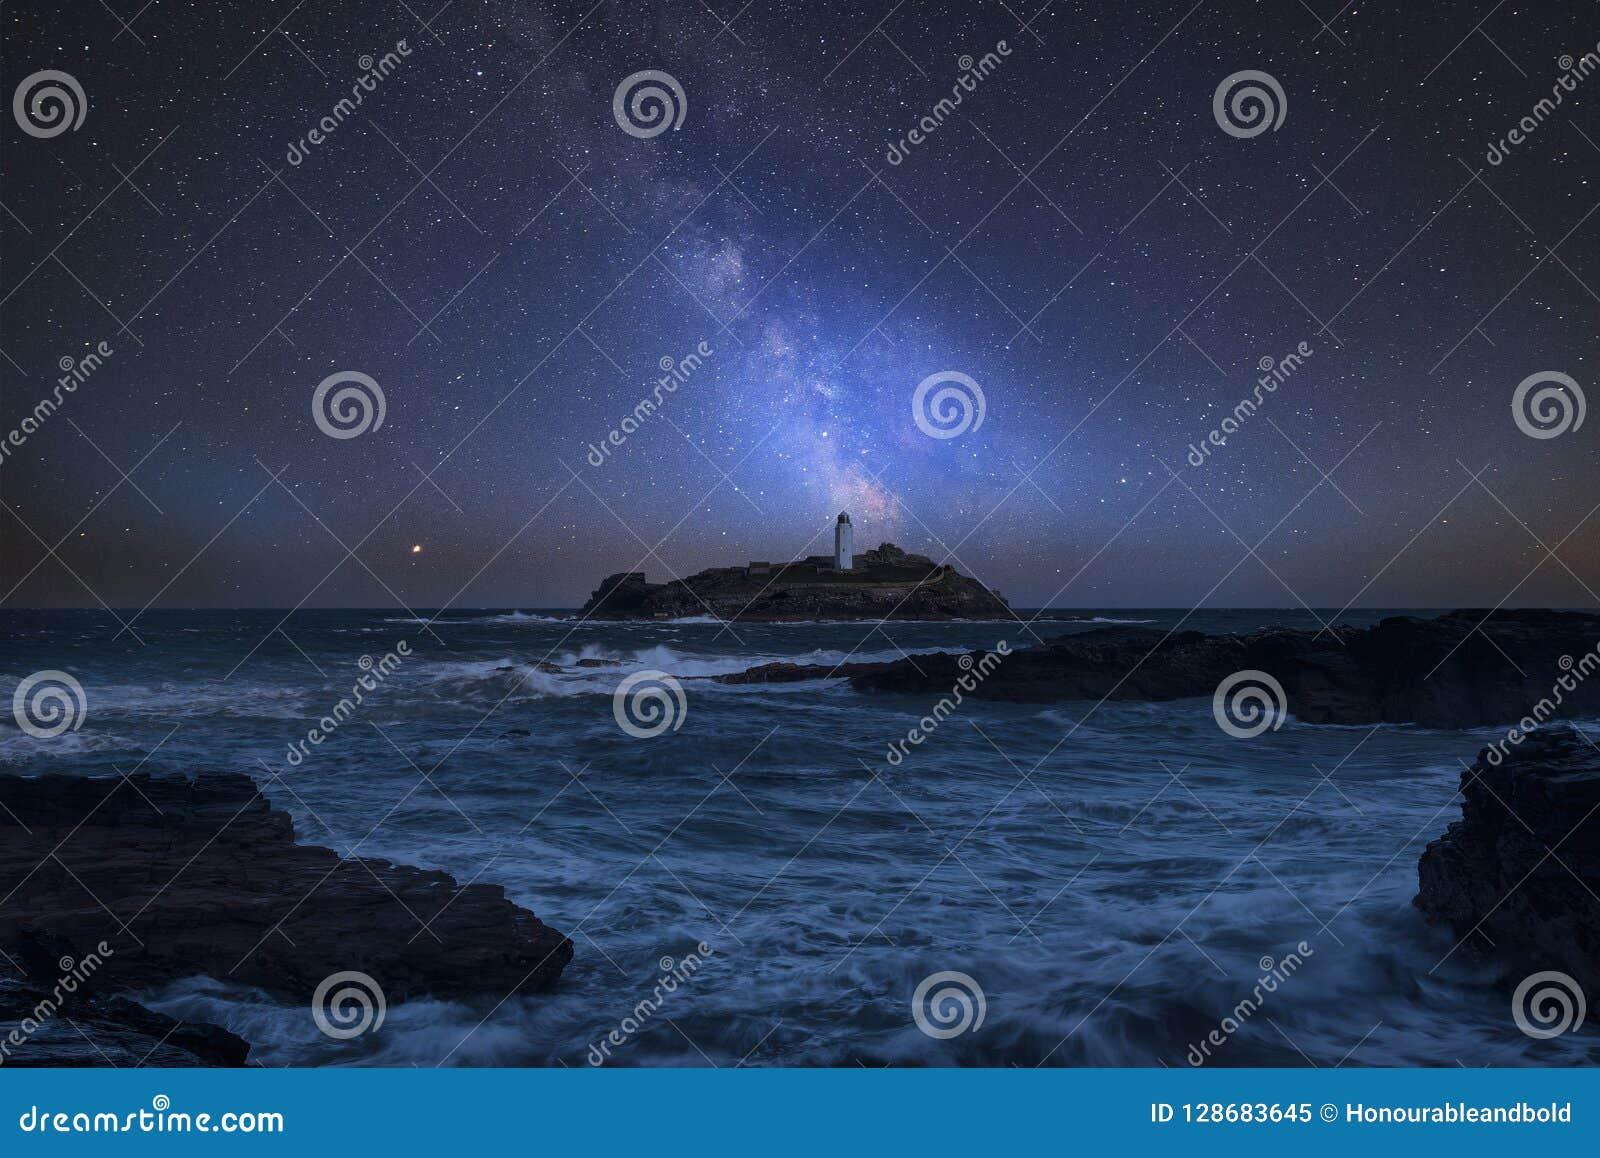 Imagem composta da Via Látea vibrante sobre a paisagem de Godrevy Ligh